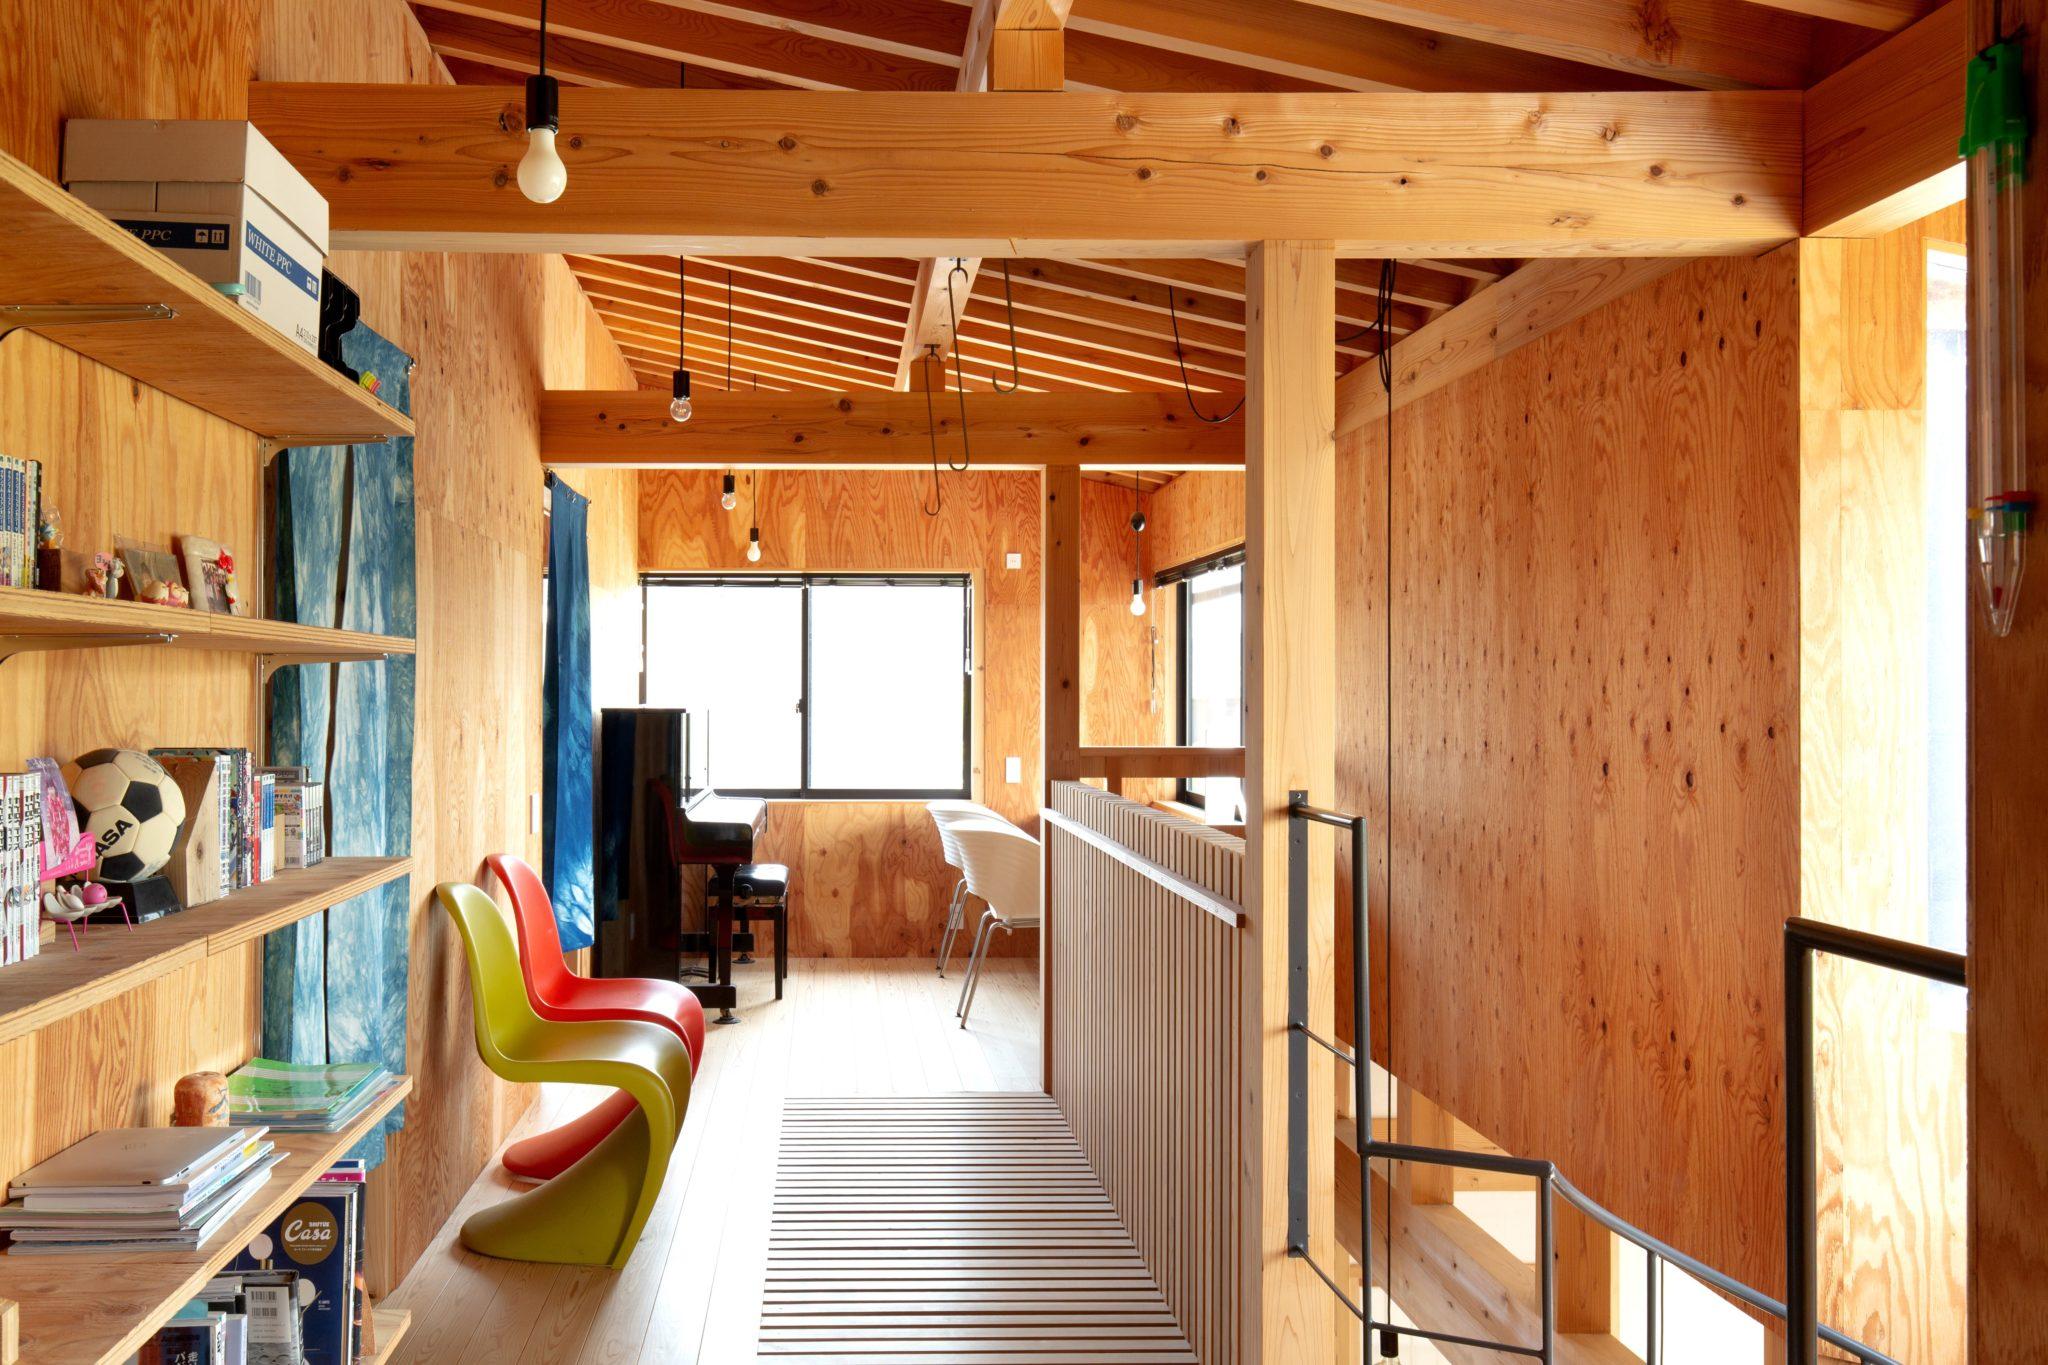 2階のみんなのスペース。 左の壁の奥に個室寝室が並んでます。